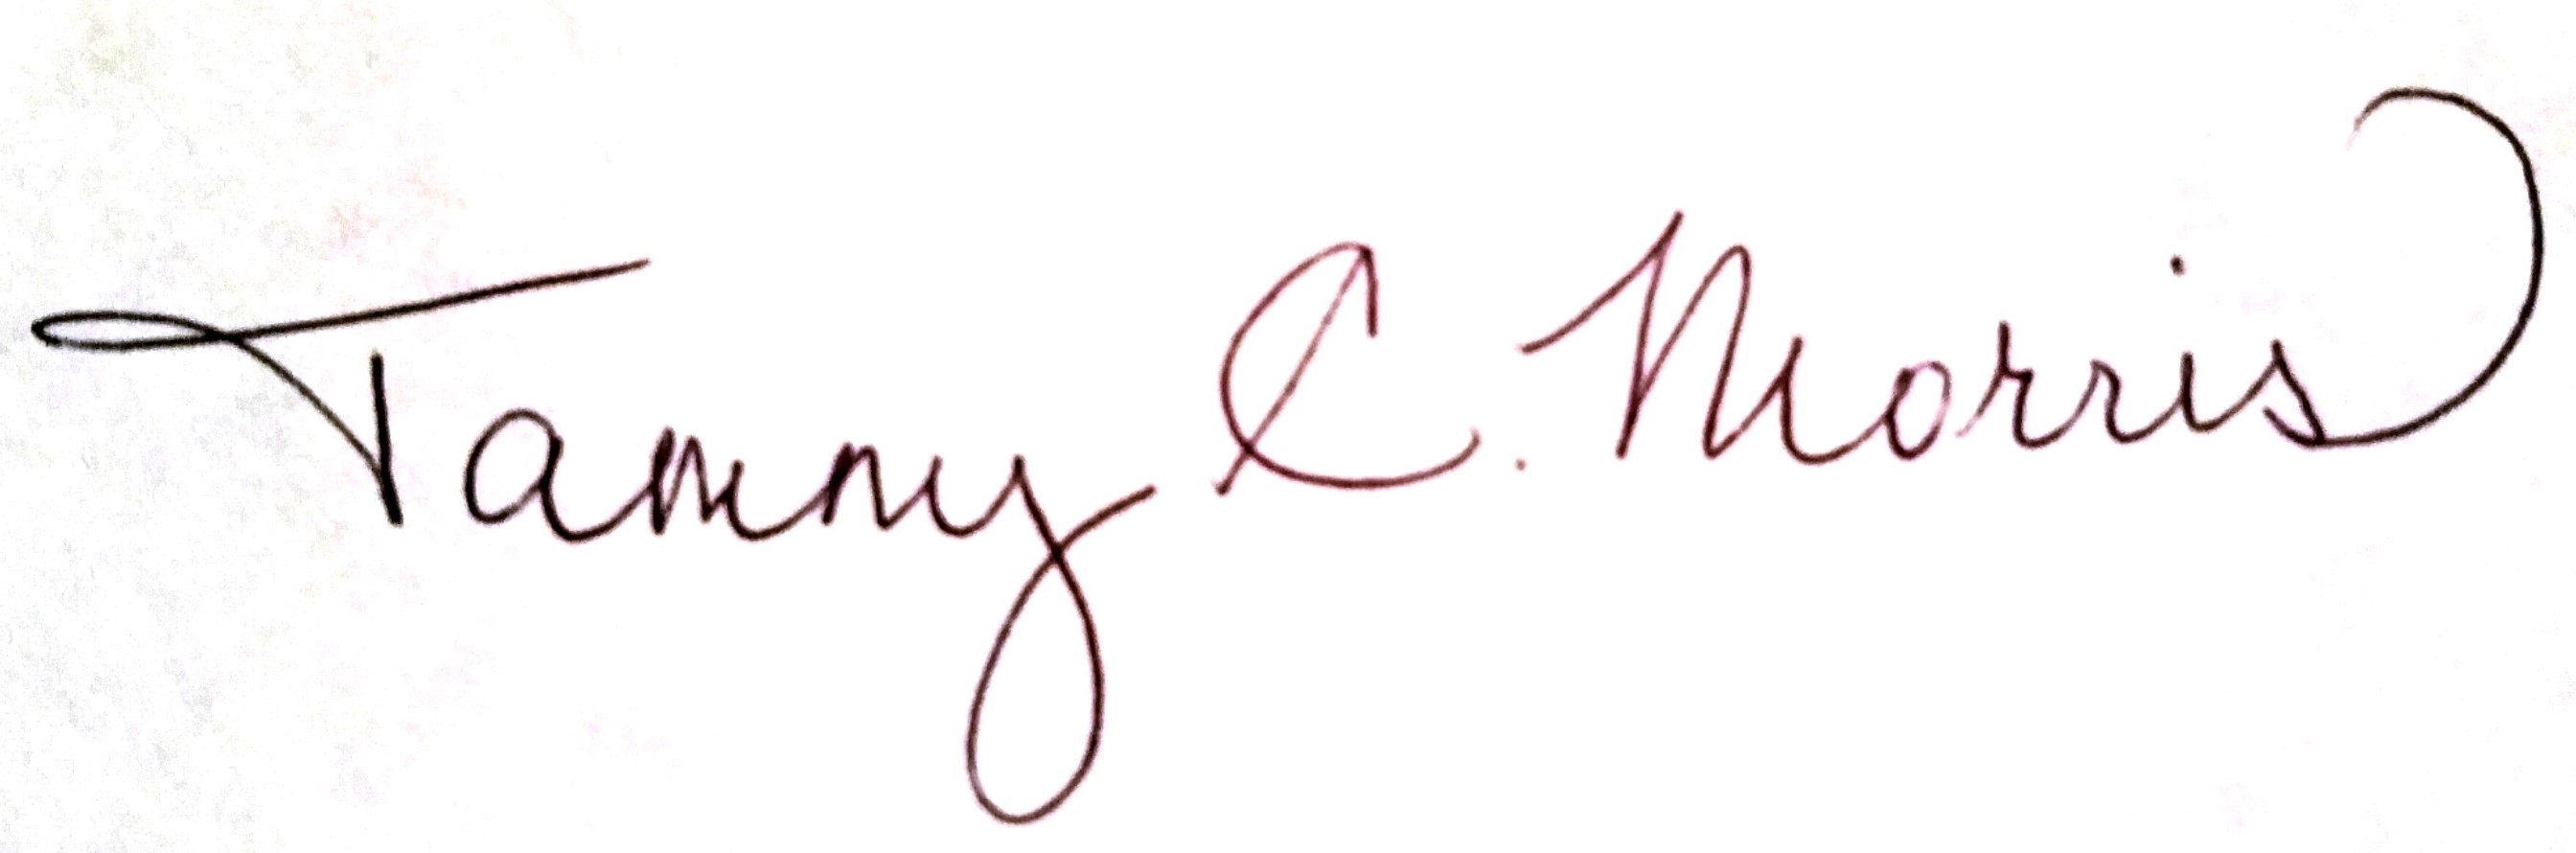 Tammy Morris's Signature